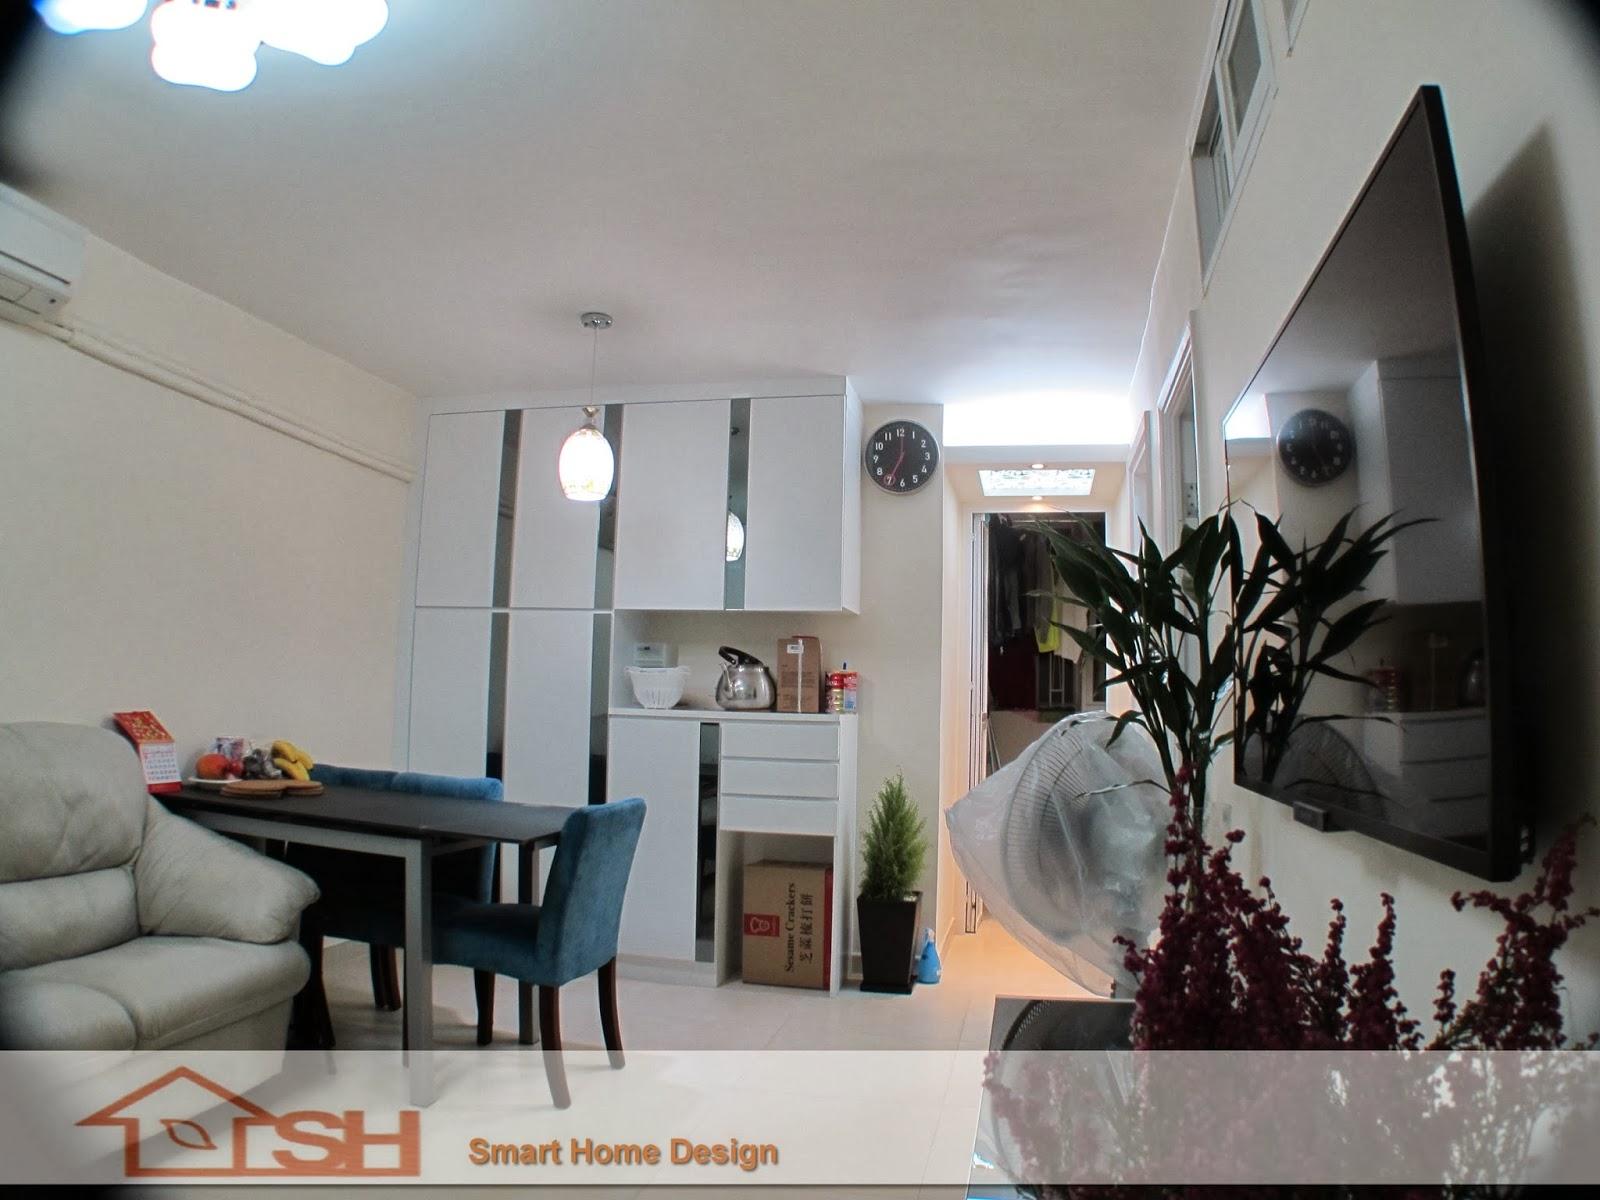 裝修/廚櫃/傢俬/卓形設計Smart Home Design: 公屋裝修_沙田沙角邨雲雀樓 @卓形設計_Joe 9653 9736